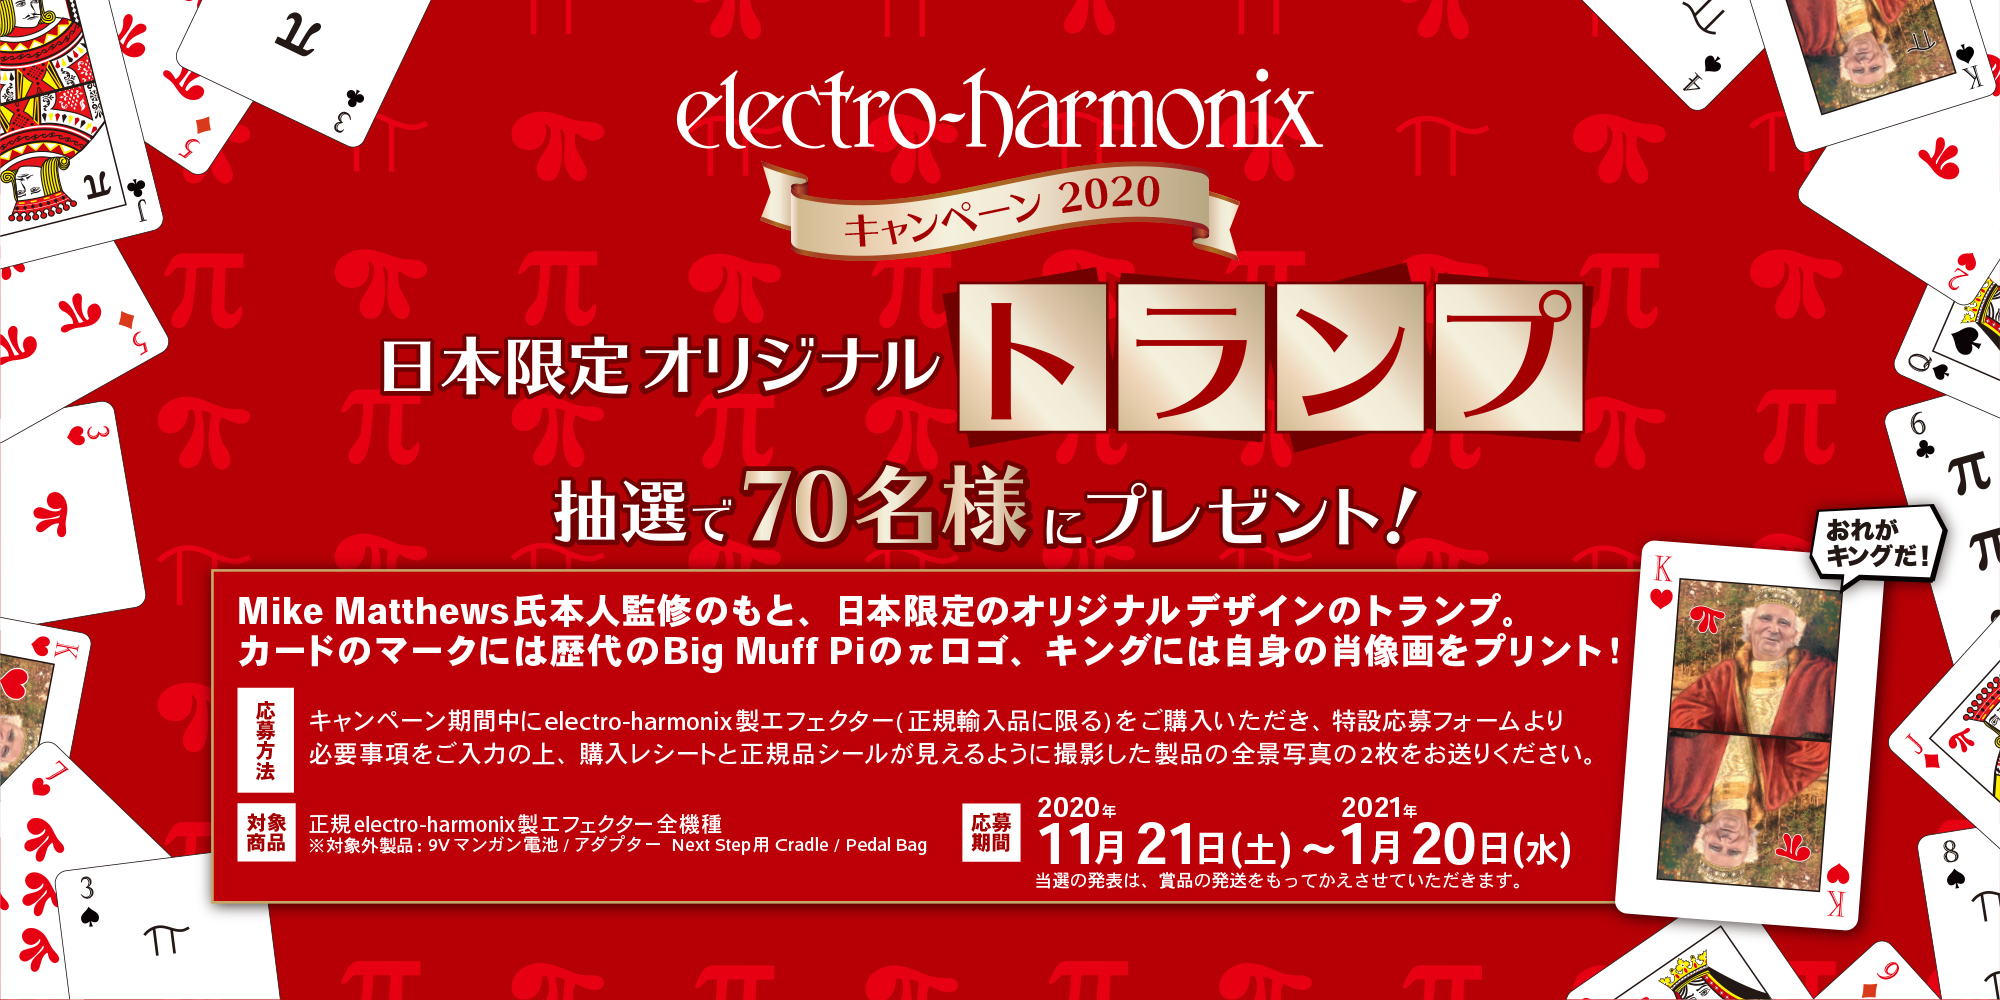 electro-harmonix キャンペーン 2020